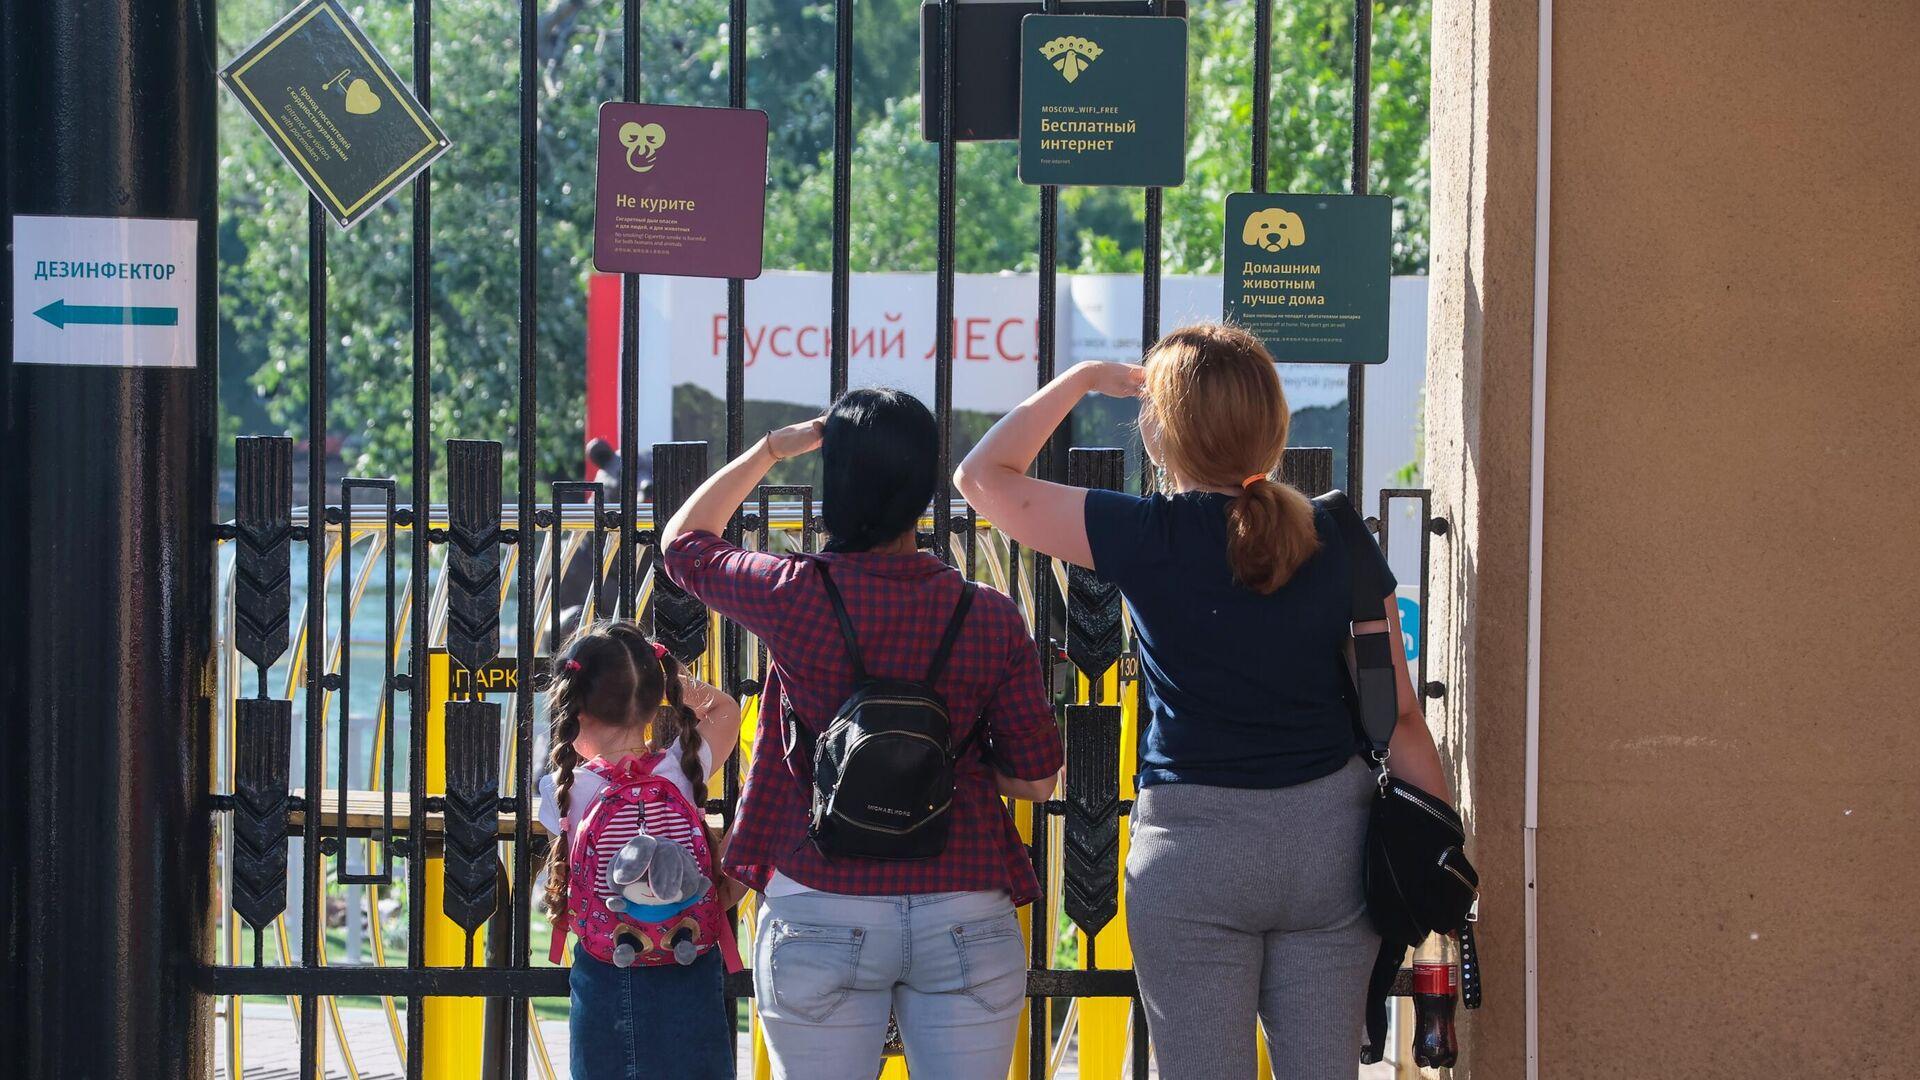 Посетители у входа в Московский зоопарк, закрытый из-за коронавирусных ограничений - Sputnik Таджикистан, 1920, 18.06.2021